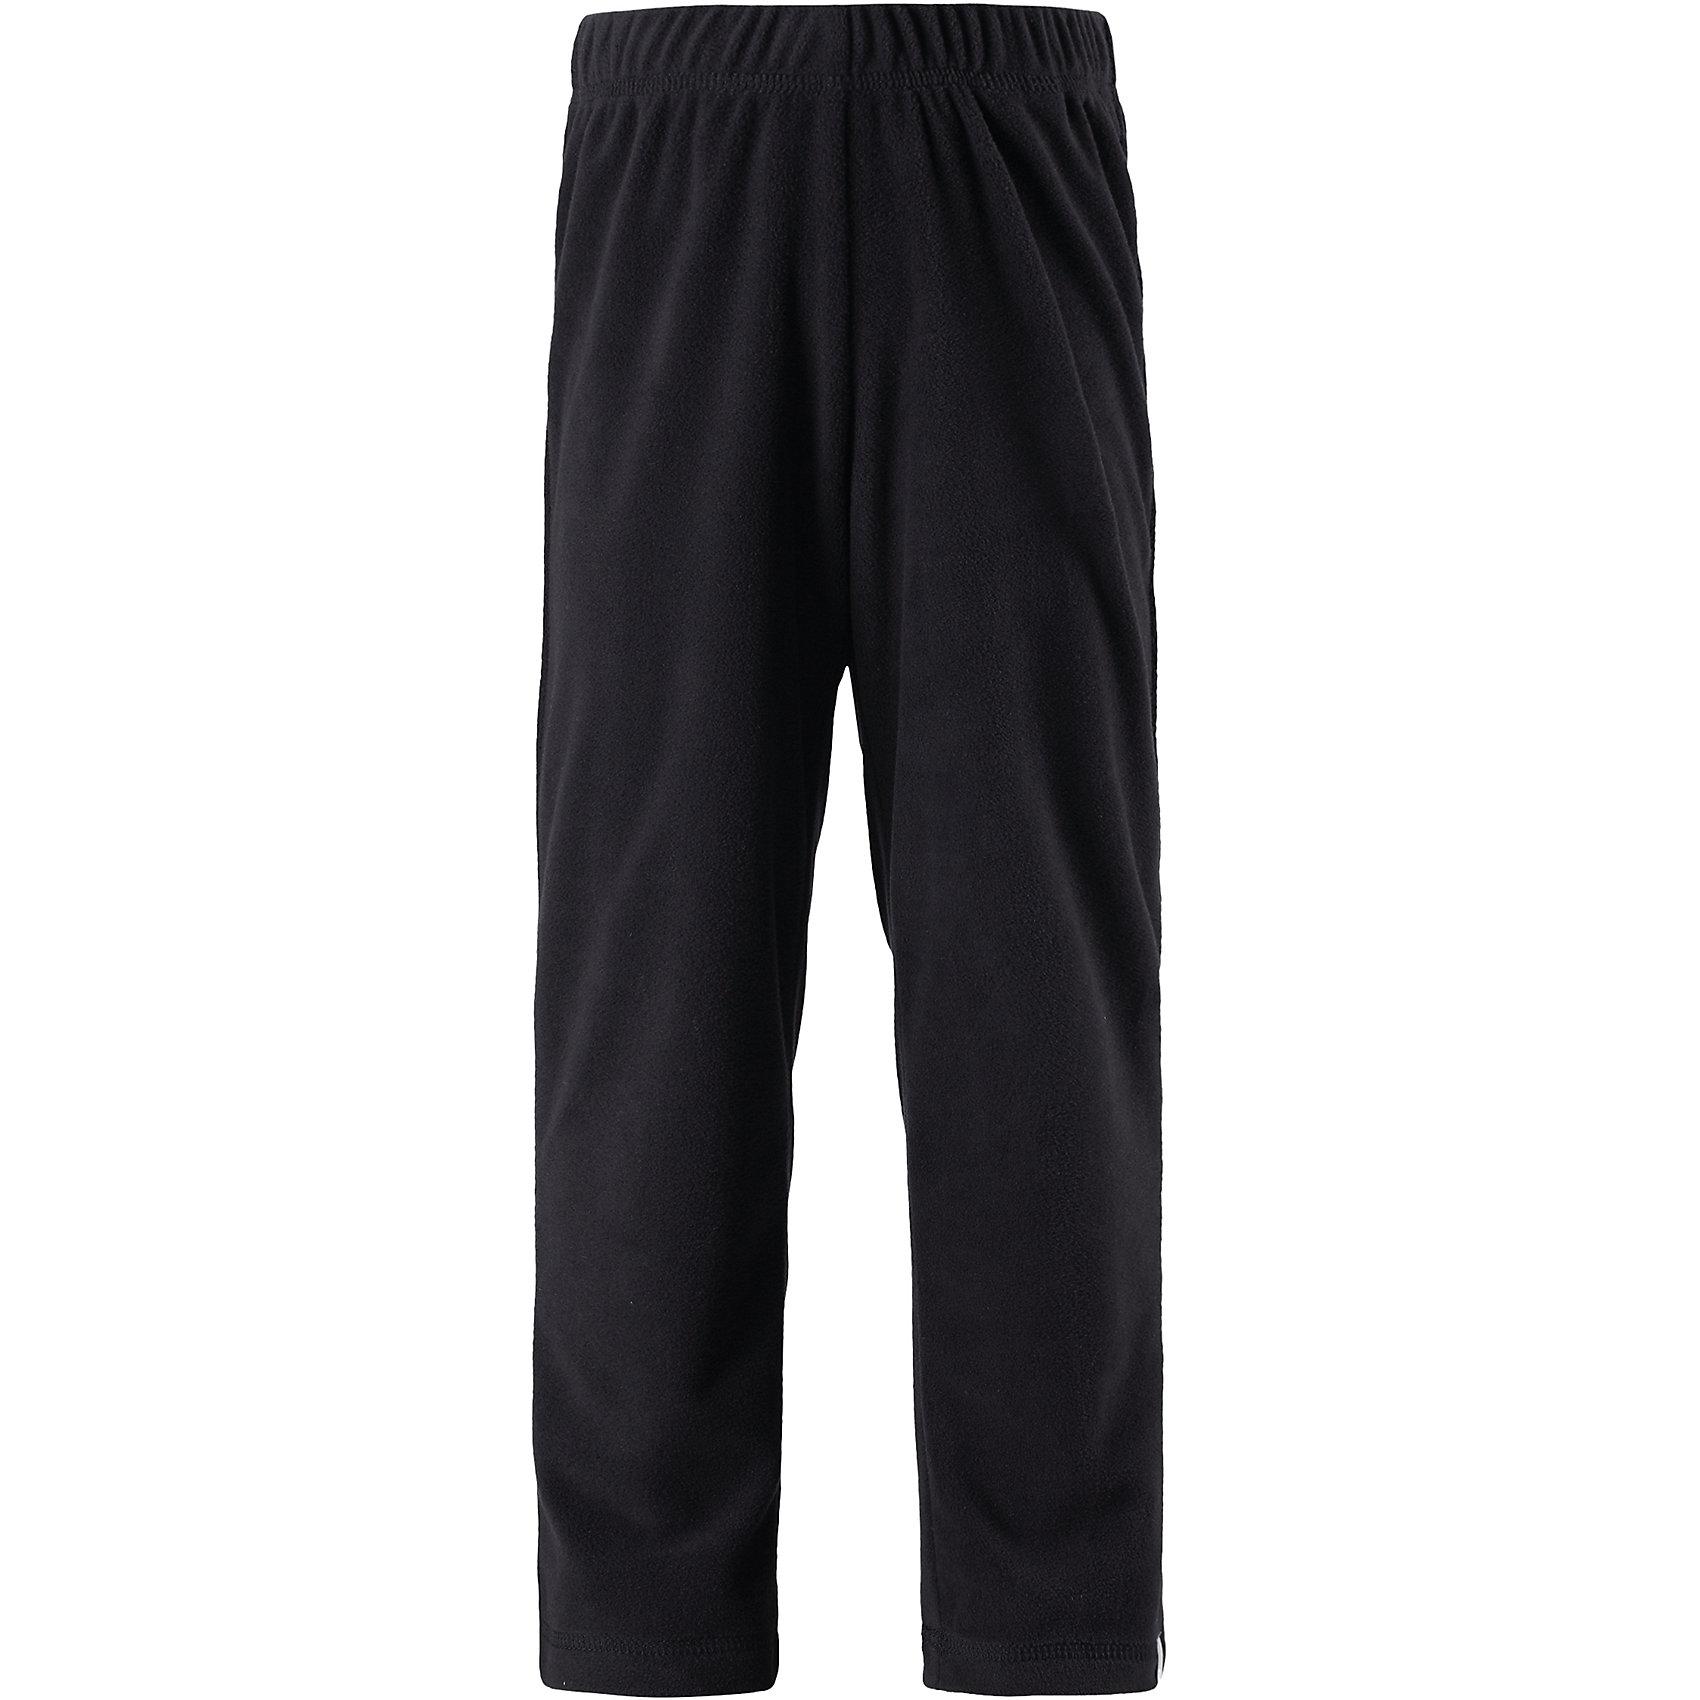 Флисовые брюки Reima CentaurФлис и термобелье<br>Характеристики товара:<br><br>• цвет: черный;<br>• состав: 100% полиэстер; <br>• сезон: демисезон;<br>• выводит влагу в верхние слои одежды;<br>• теплый, легкий и быстросохнущий флис;<br>• эластичная талия;<br>• страна бренда: Финляндия;<br>• страна изготовитель: Китай;<br><br>Эти брюки подойдут и мальчикам, и девочкам – то, что надо, для активных прогулок. Полярный флис эффективно выводит влагу от кожи в верхние слои одежды и быстро сохнет. Благодаря тому, что брюки сшиты из дышащего материала, они не парят, сколько ни бегай.<br><br>Брюки флисовые Centaur Reima(Рейма) можно купить в нашем интернет-магазине.<br><br>Ширина мм: 215<br>Глубина мм: 88<br>Высота мм: 191<br>Вес г: 336<br>Цвет: черный<br>Возраст от месяцев: 156<br>Возраст до месяцев: 168<br>Пол: Унисекс<br>Возраст: Детский<br>Размер: 164,104,110,116,122,128,134,140,146,152,158<br>SKU: 6906221